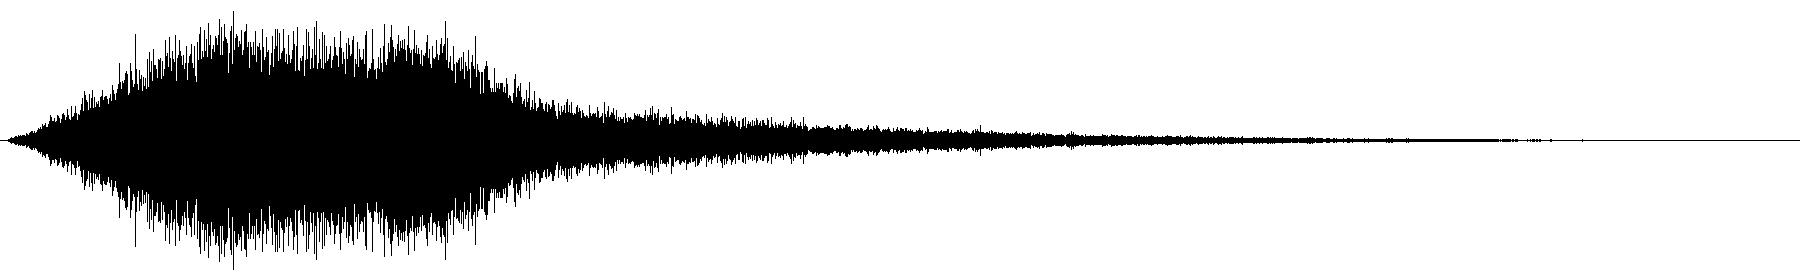 vfx1 atmos 24